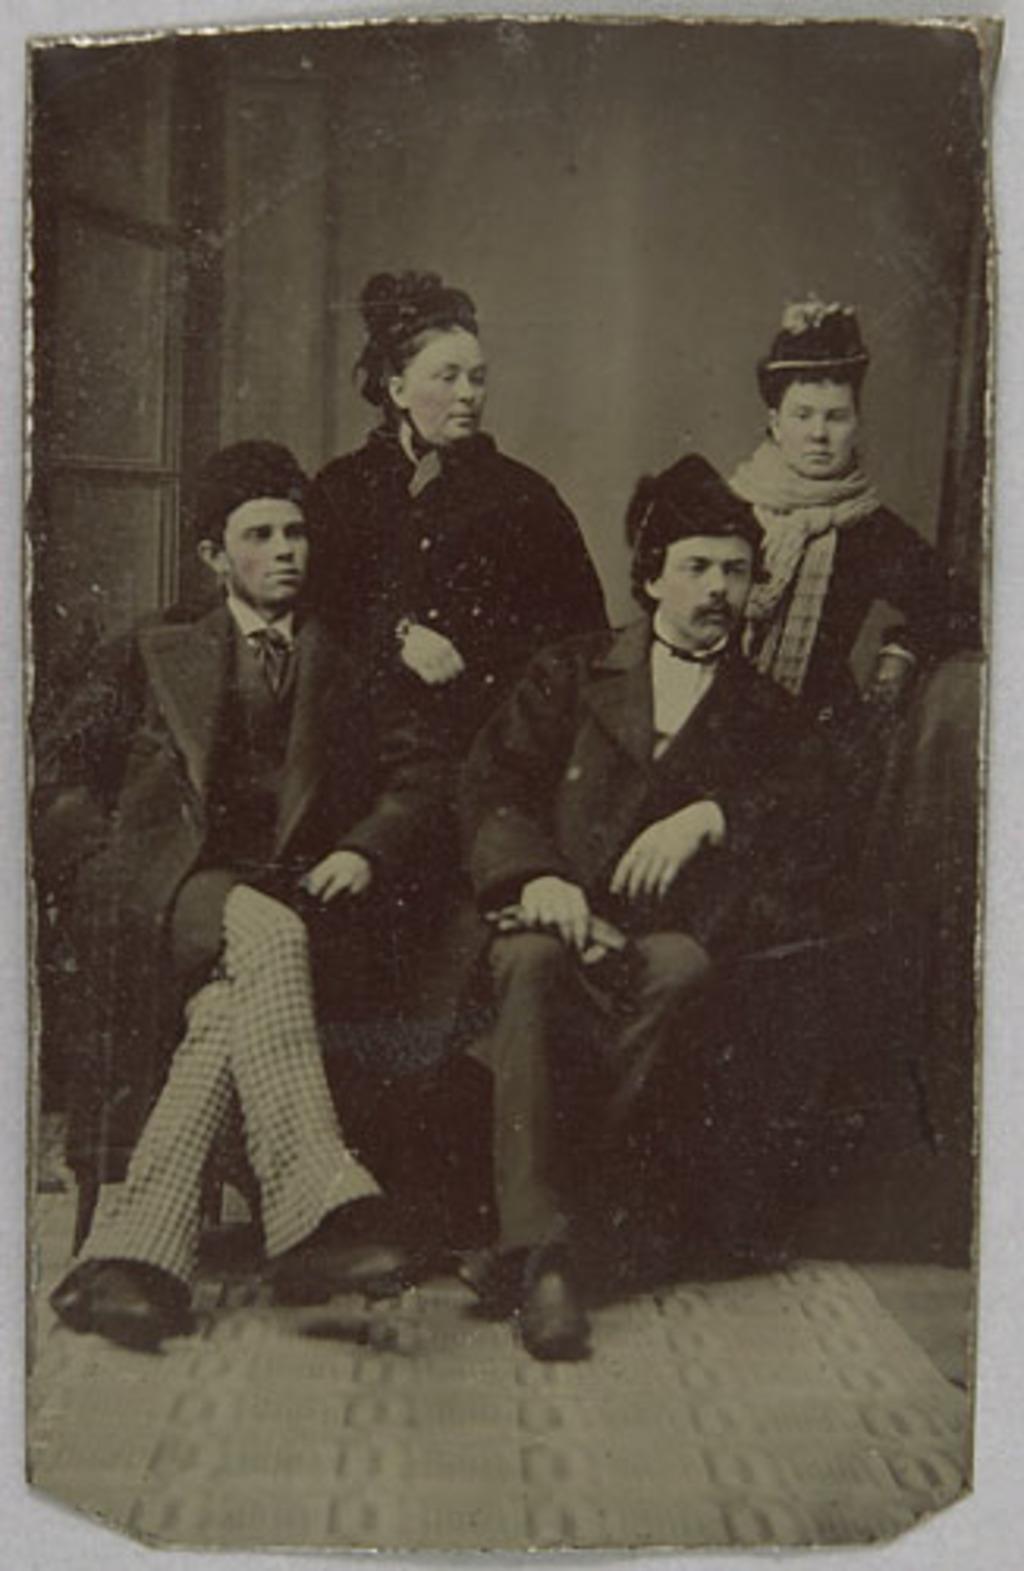 Portrait de couples, de l'album de la famille Richer, dit Laflèche et Murphy